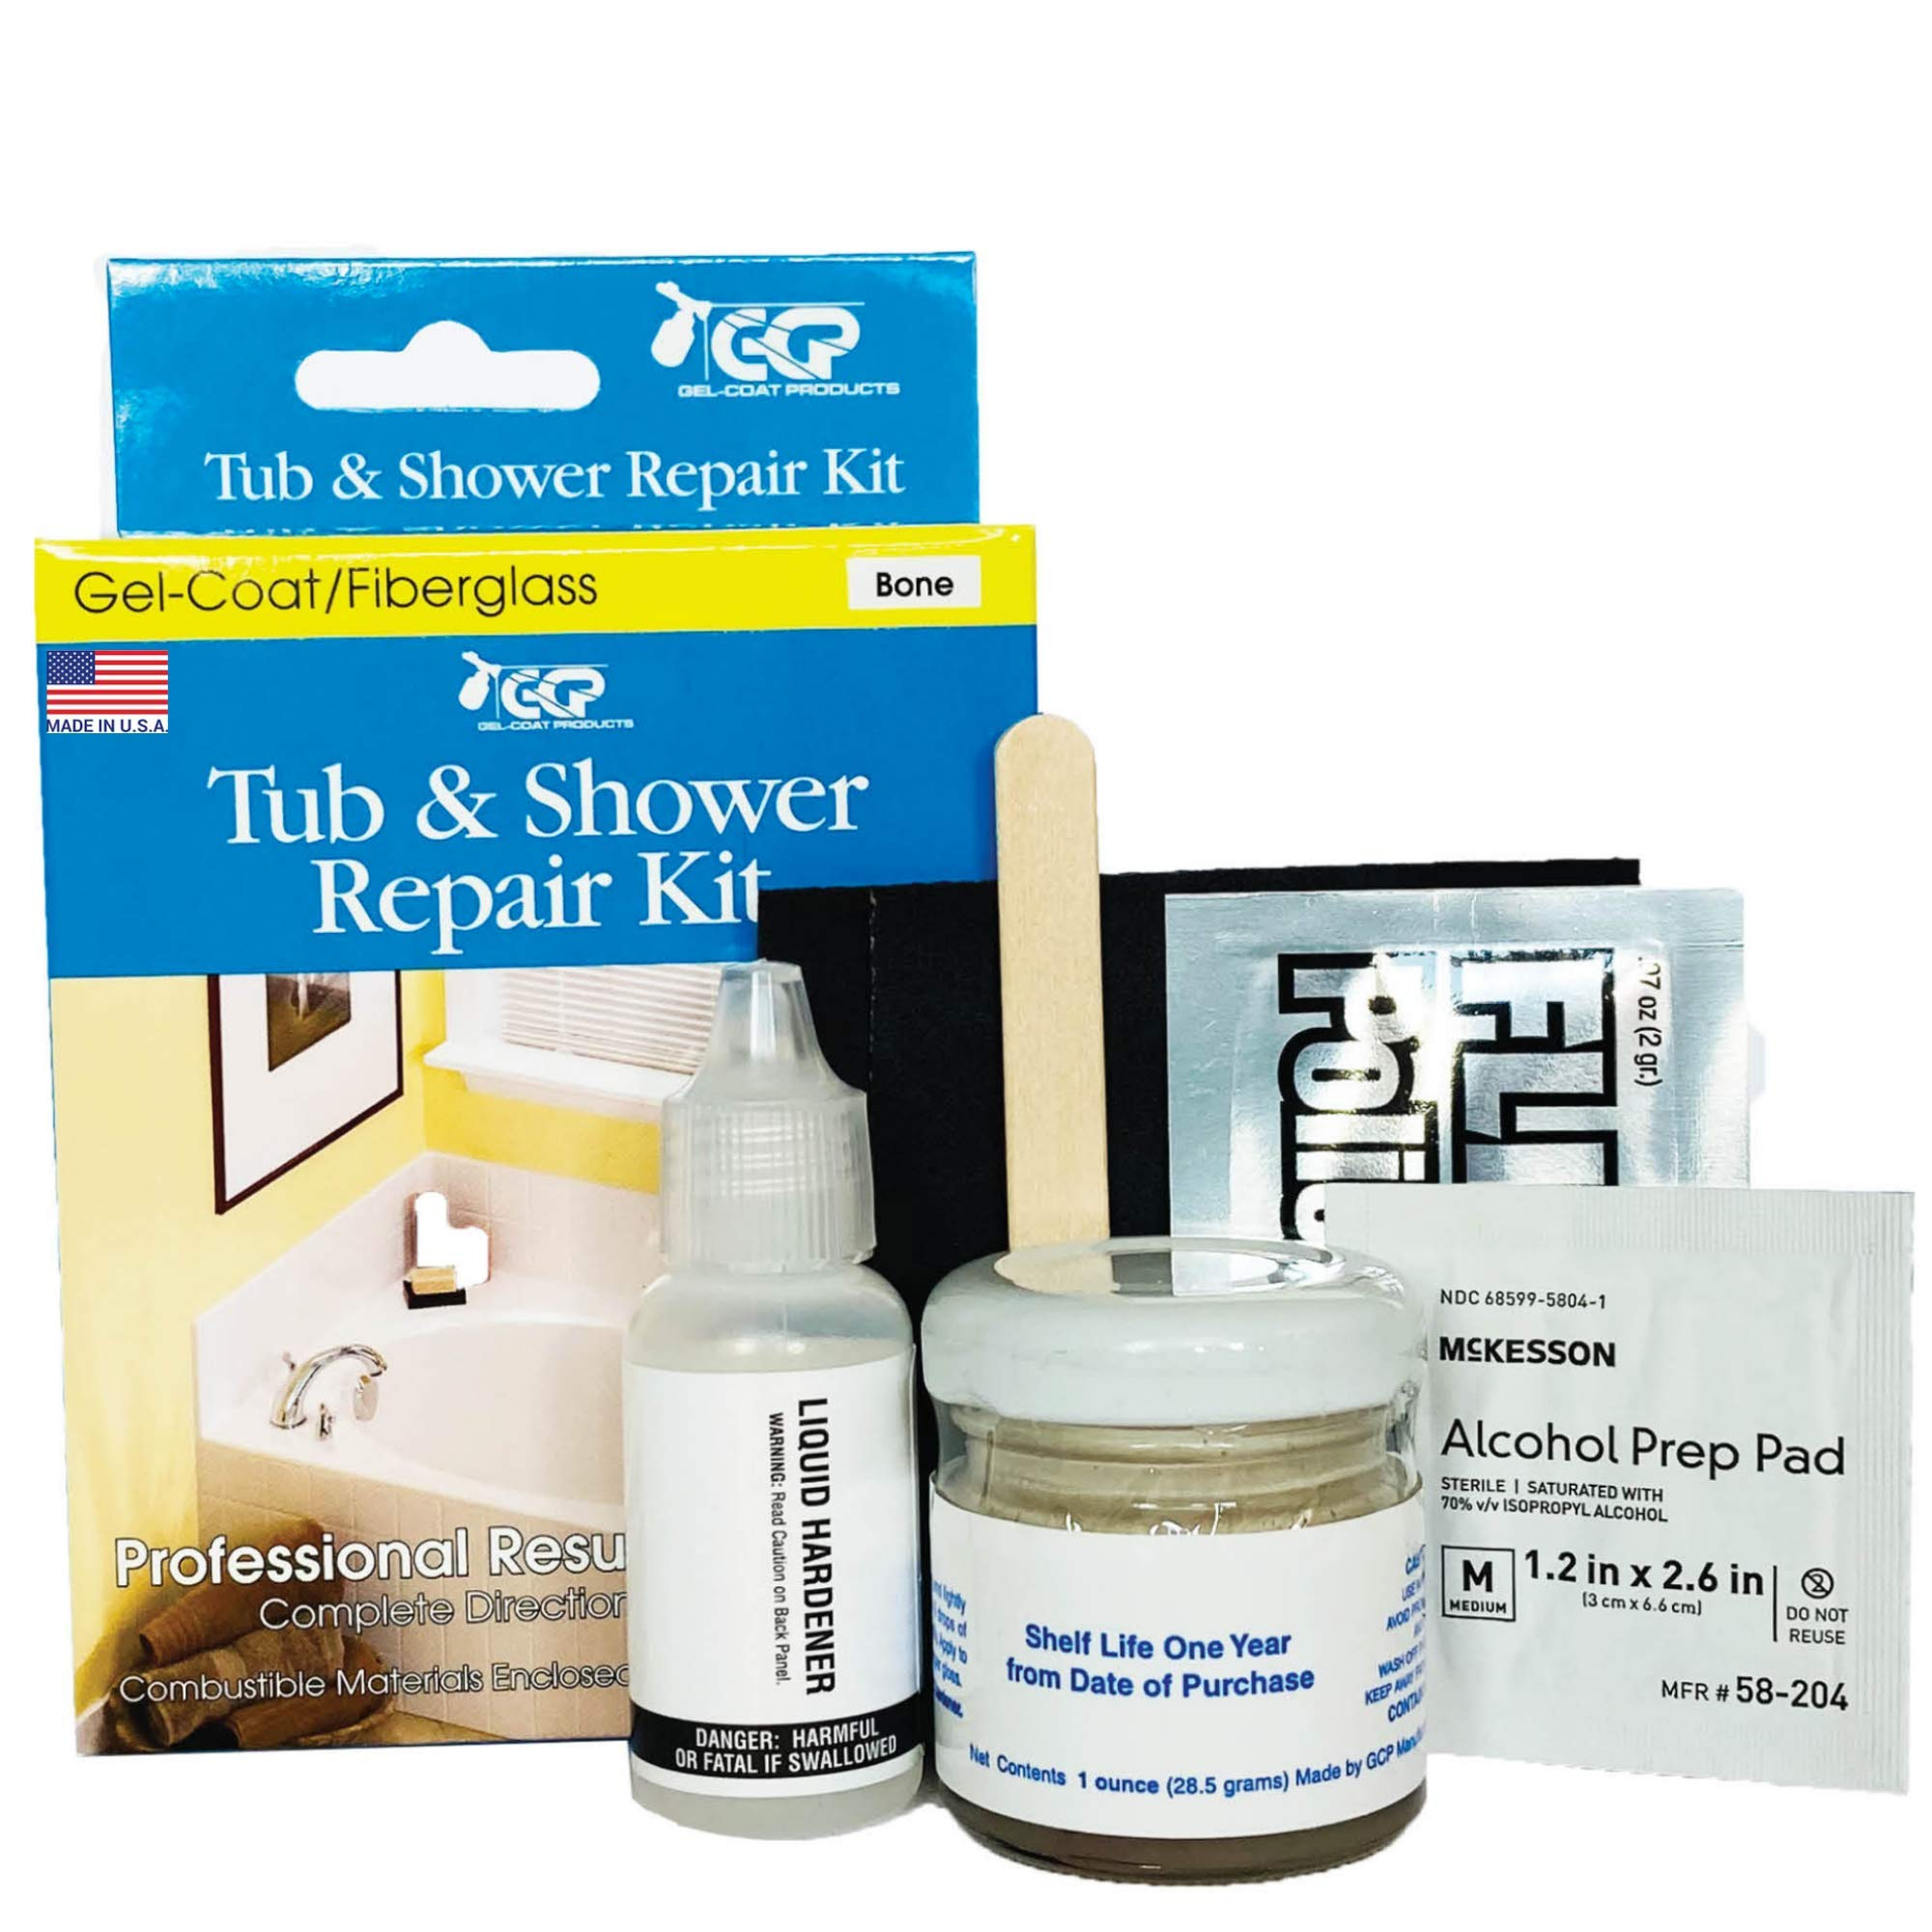 Gel-Coat Products 001 Tub and Shower Repair Kit, Bone